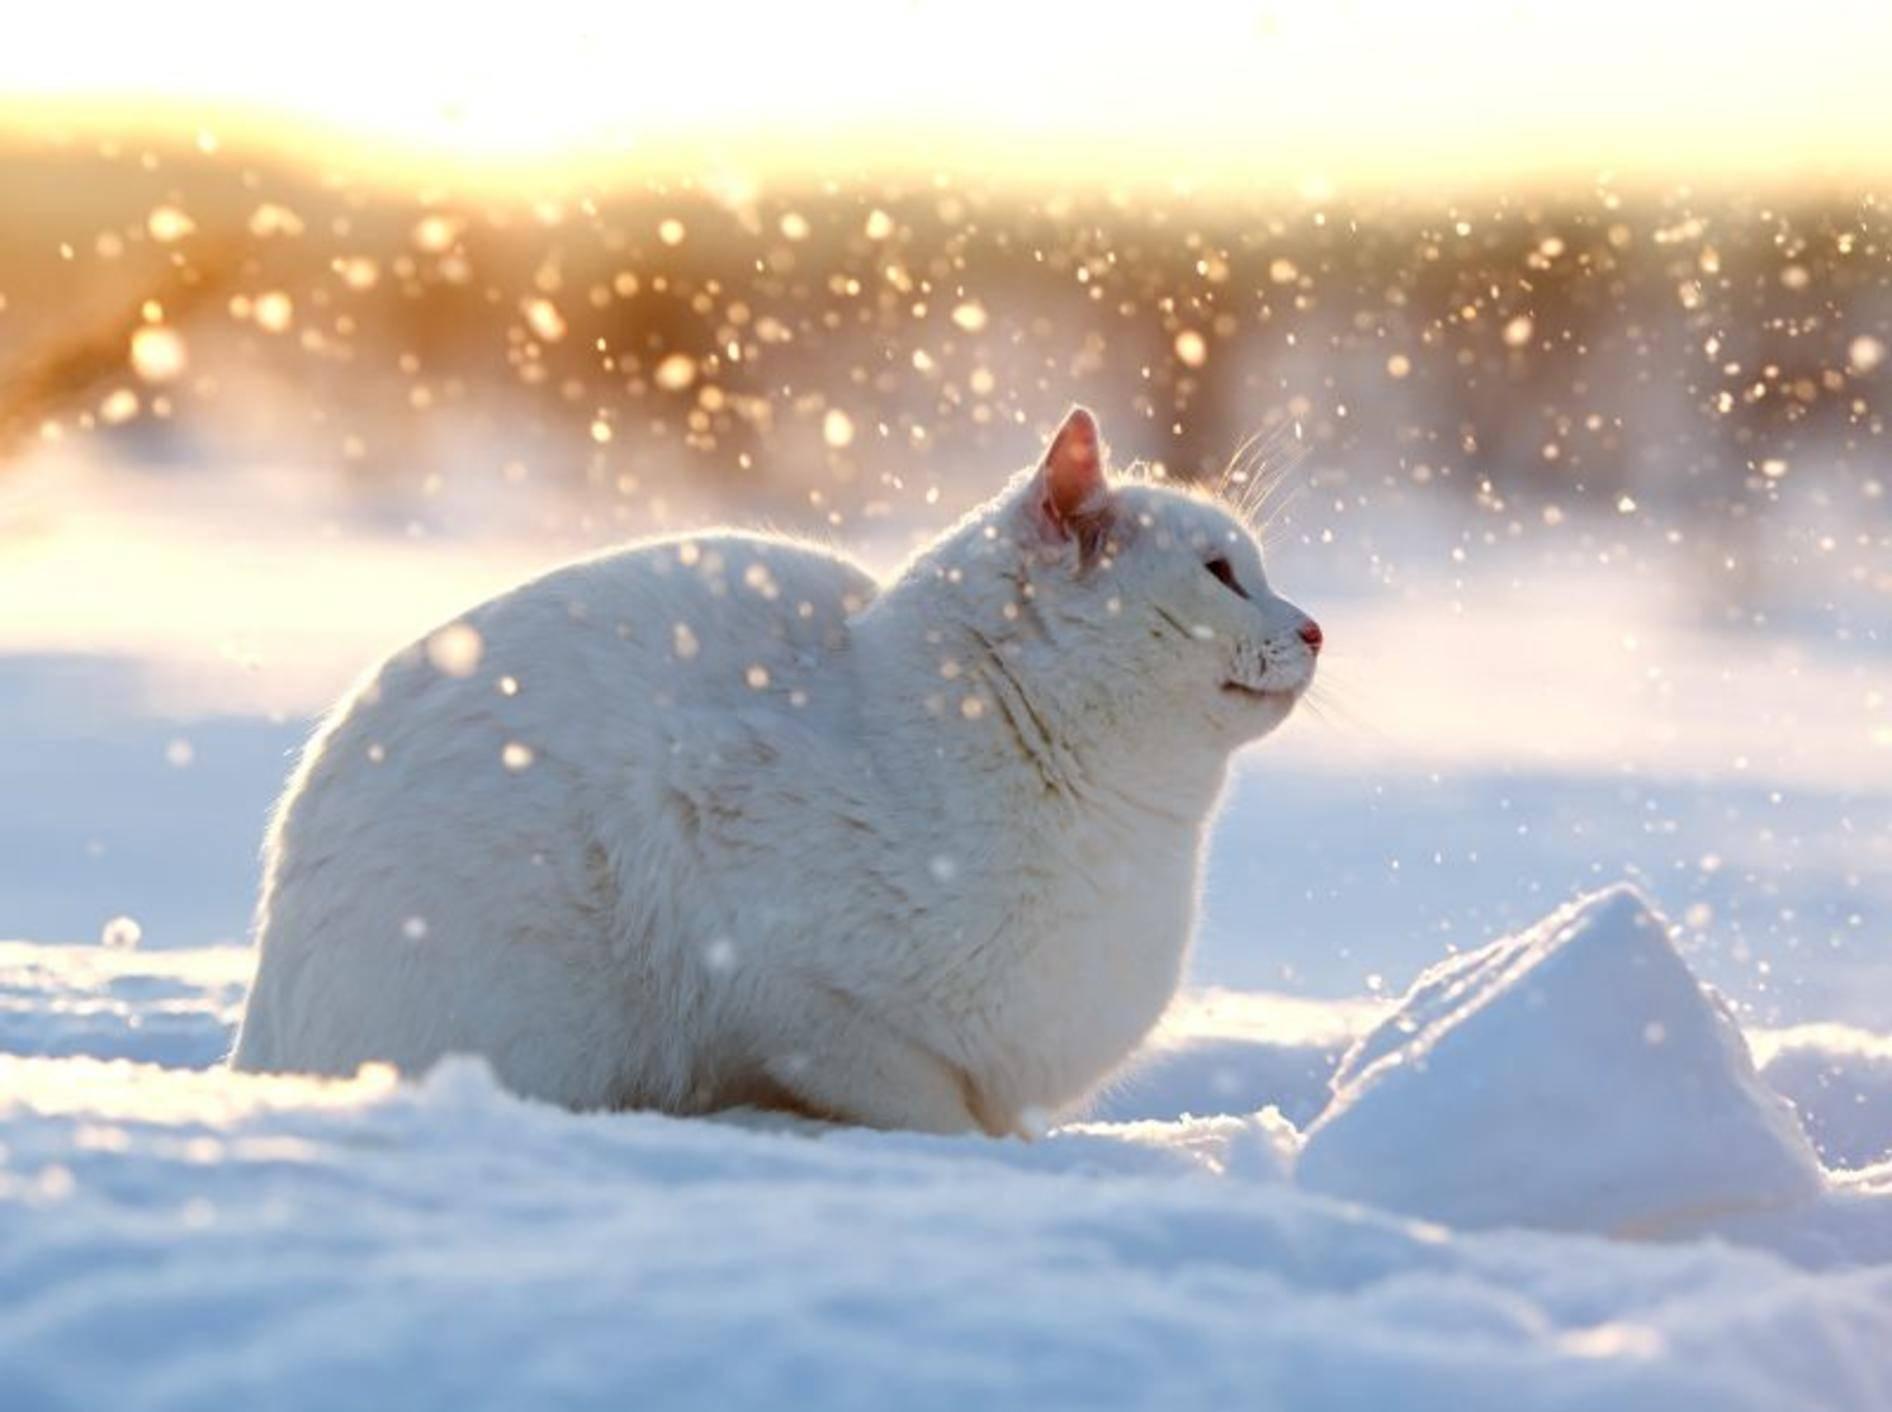 Im Schnee liegen und die Sonne genießen, das ist schön! – Bild: Shutterstock / DragoNika